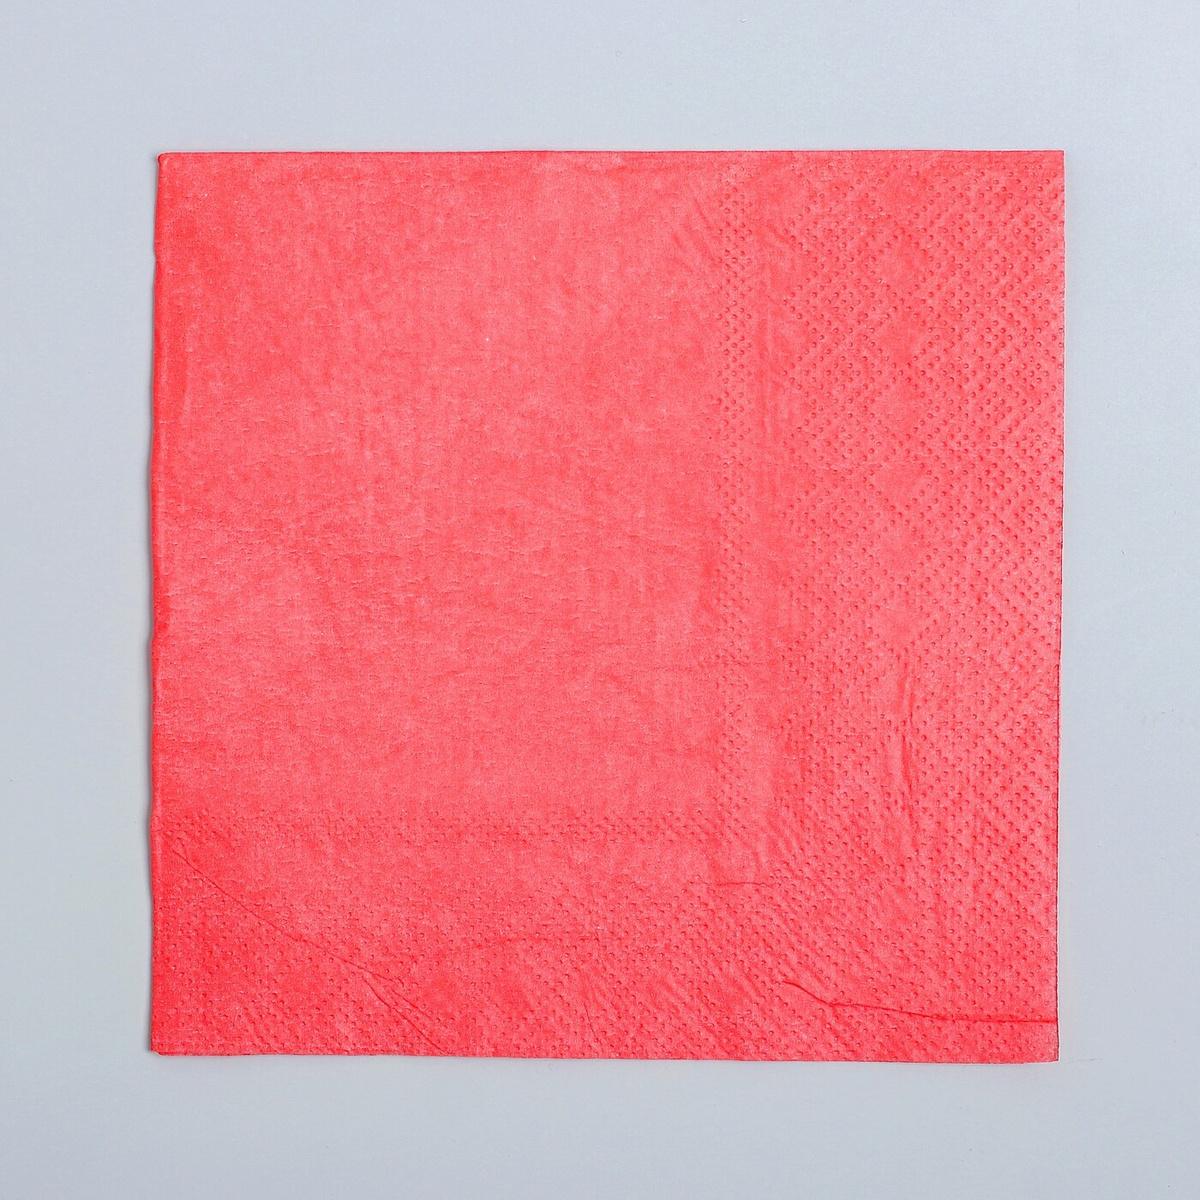 Салфетки бумажные сервировочные Страна Карнавалия 173542 Бумага 25x25см, 20шт.  #1